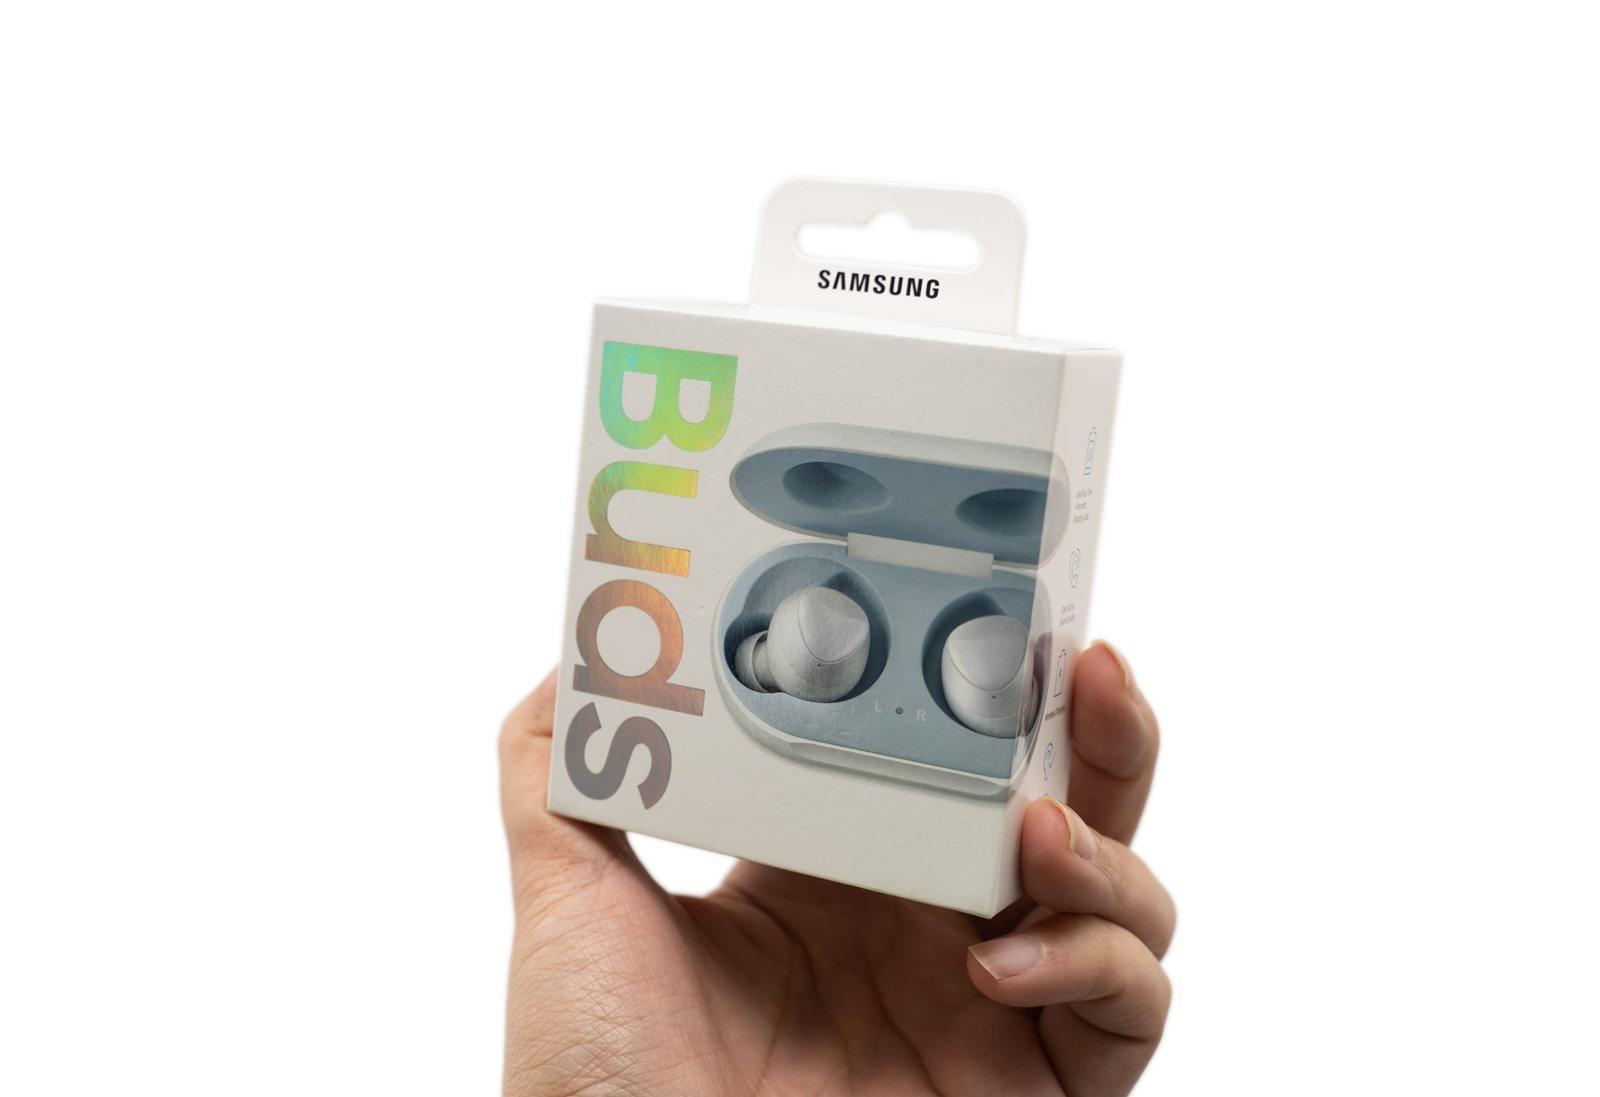 更輕巧的 Samsung Galaxy Buds 真無線耳機!還有無線充電真是手機好夥伴! @3C 達人廖阿輝